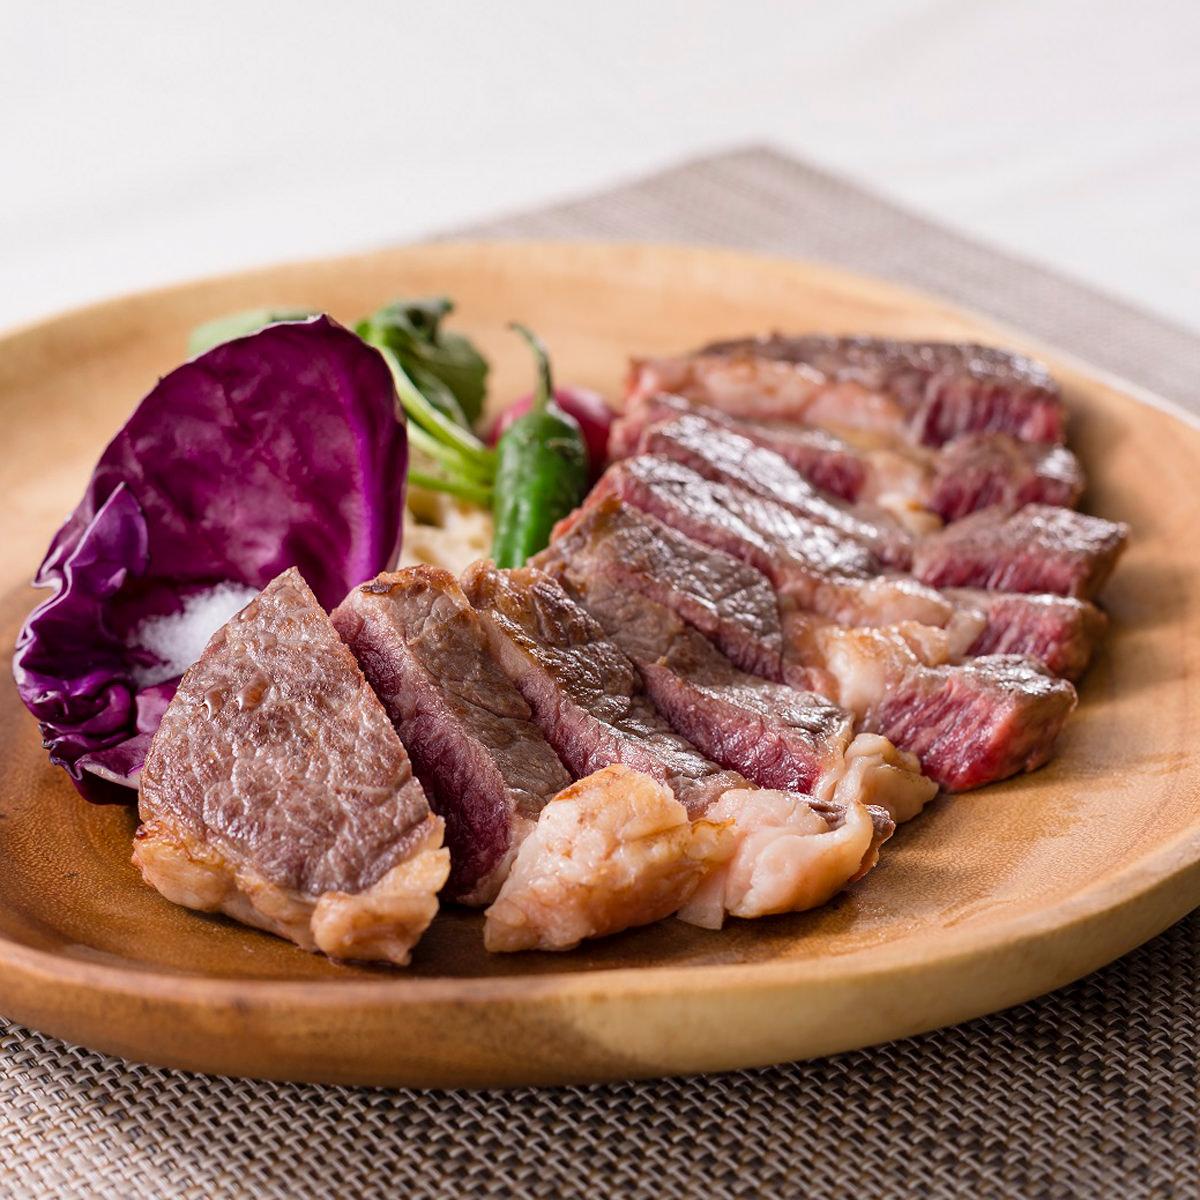 発酵熟成肉1ポンドステーキ〔US産チャックアイロール 牛肩ロース460g×2〕岡山県 石井食品